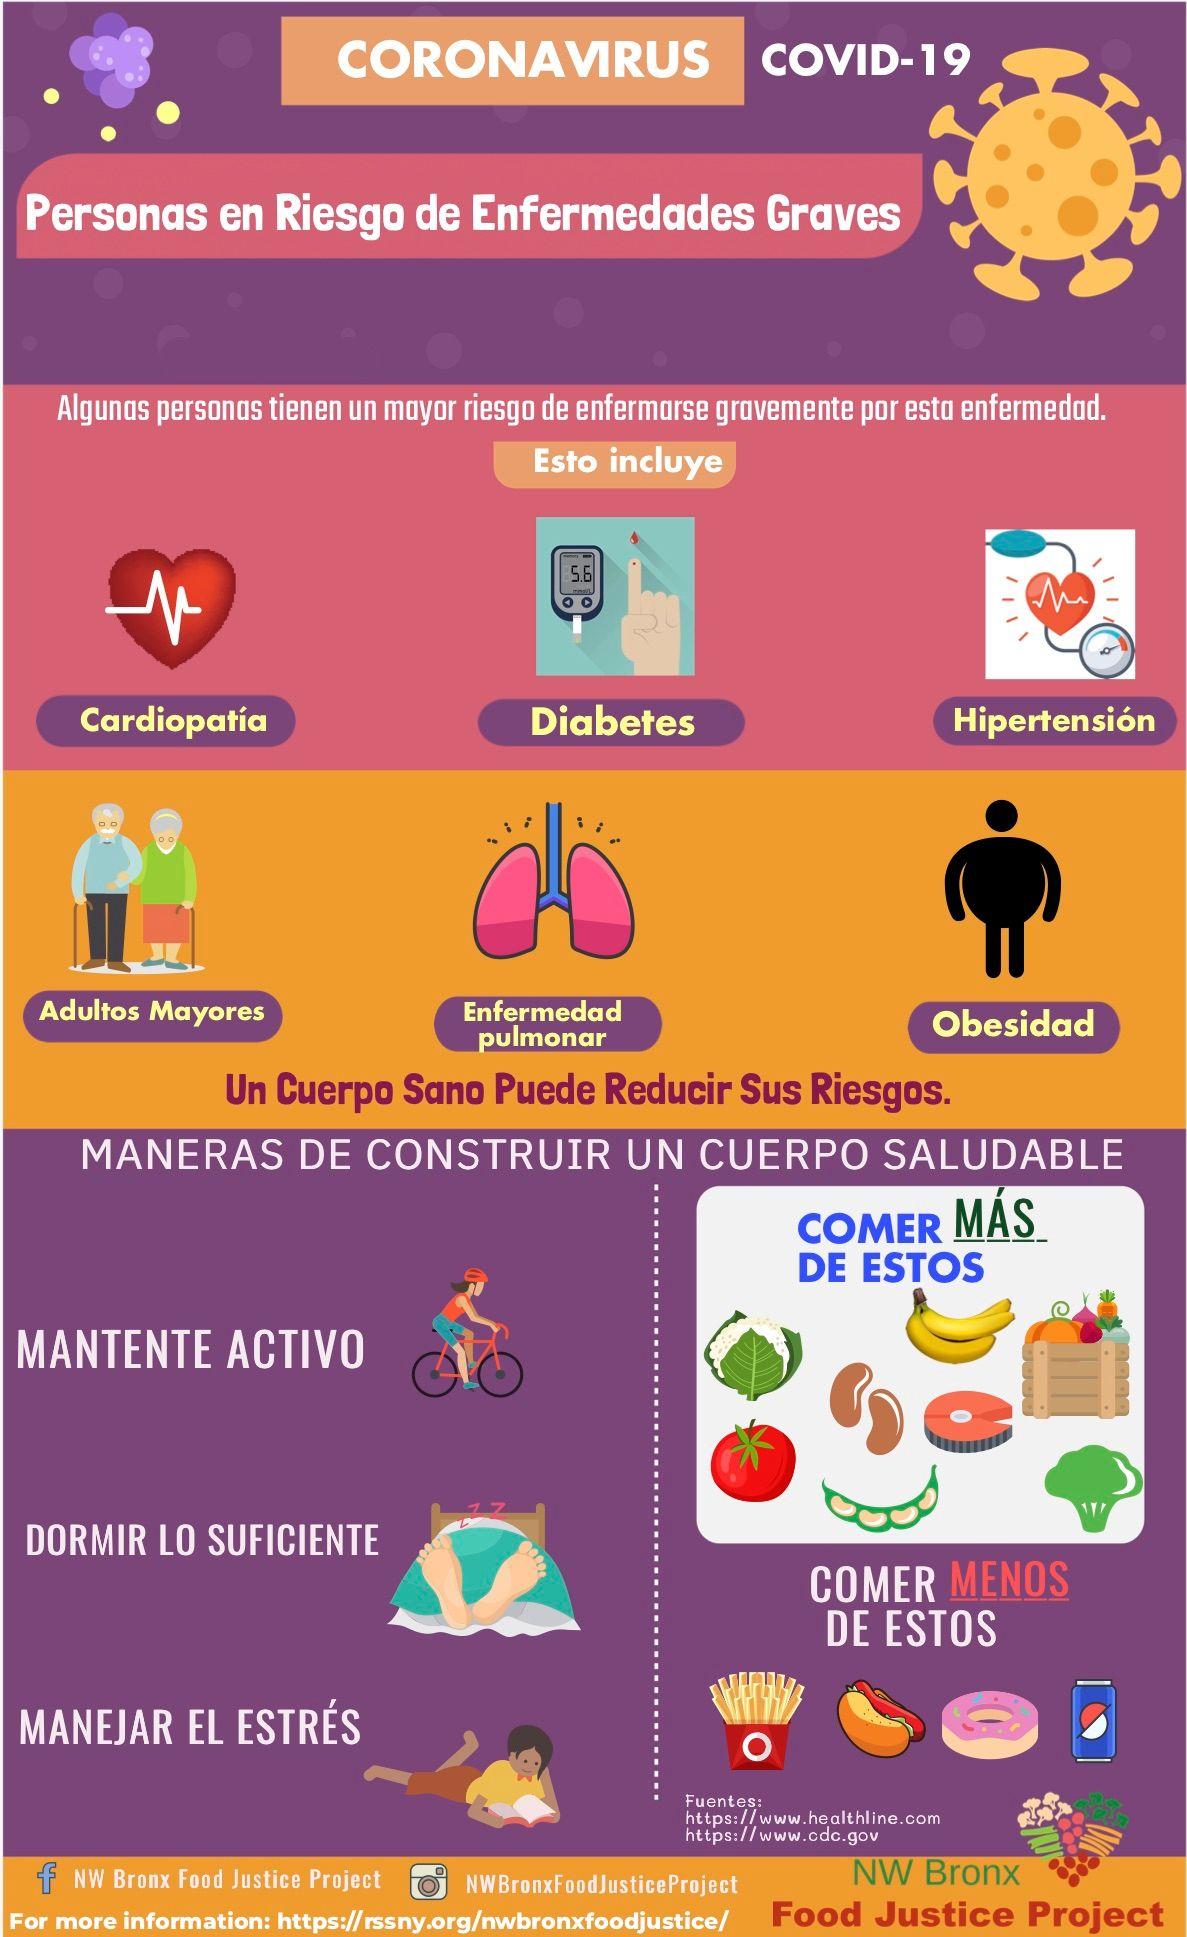 Formas de construir un cuerpo sano